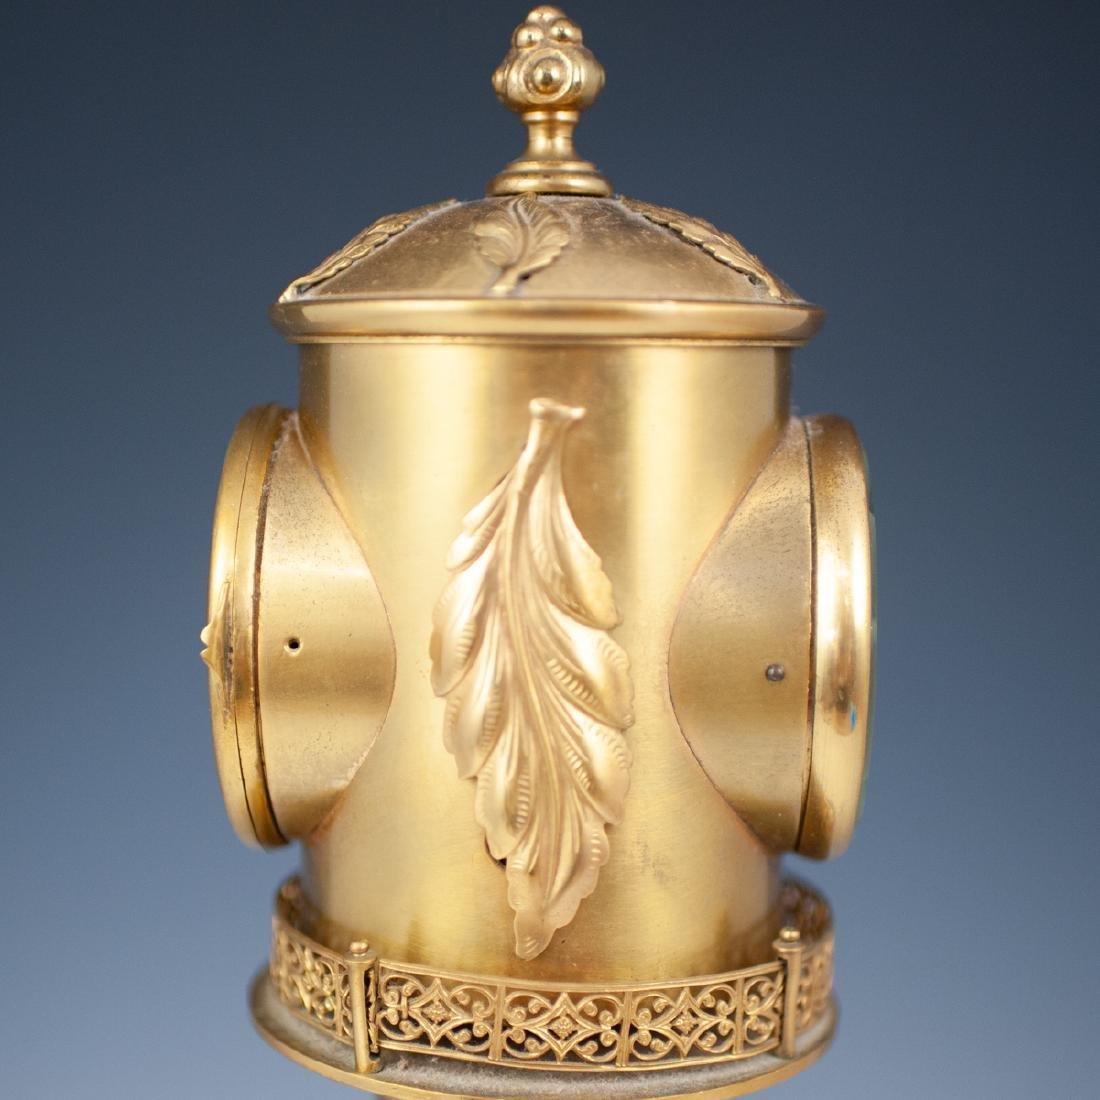 Antique Porcelain Lighthouse Clock/Barometer - 6